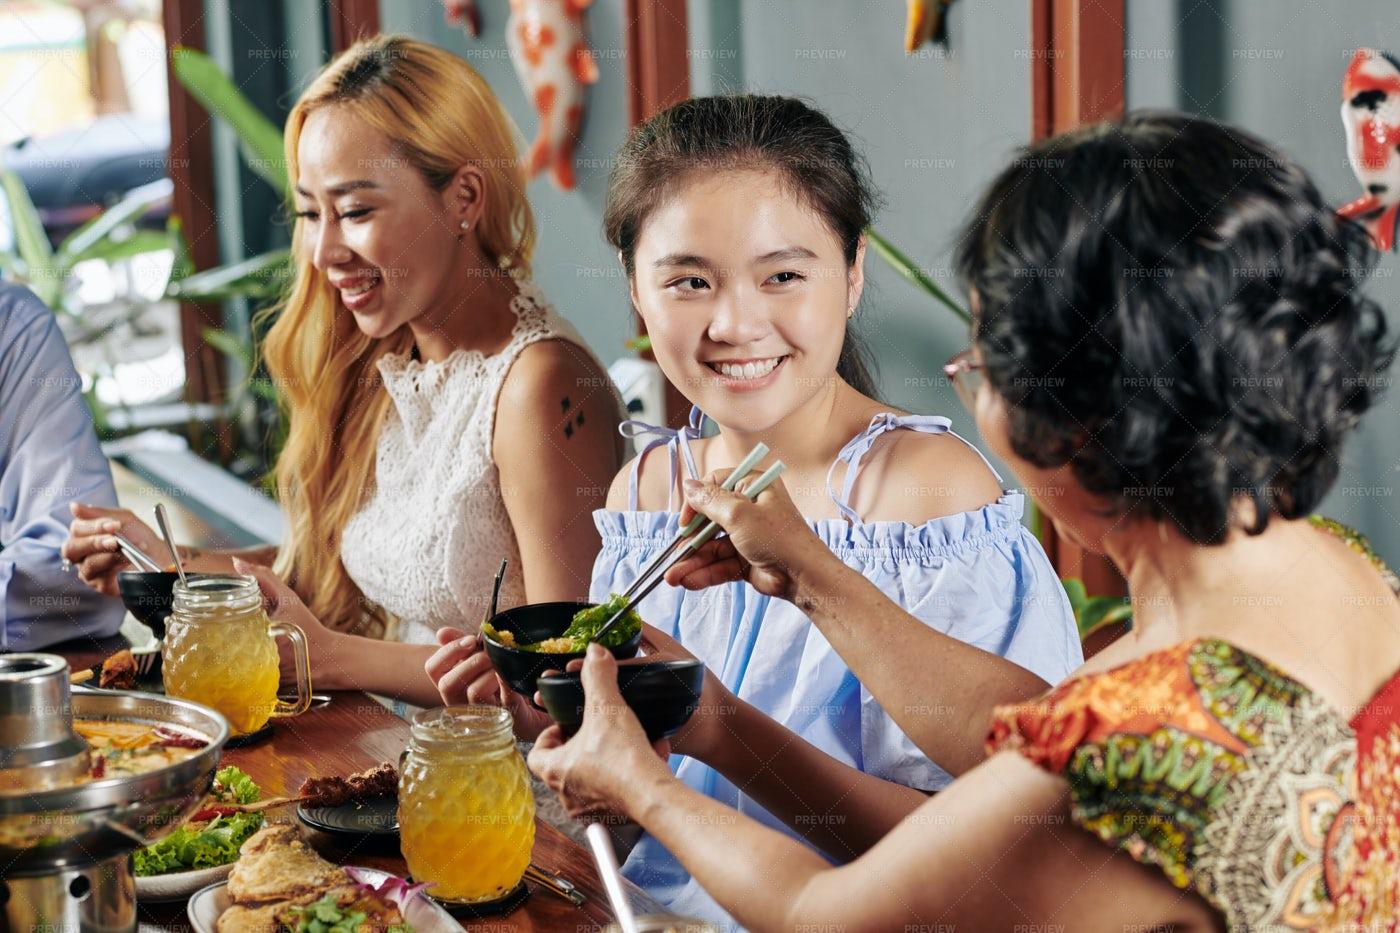 Preteen Girl Enjoying Family Dinner: Stock Photos